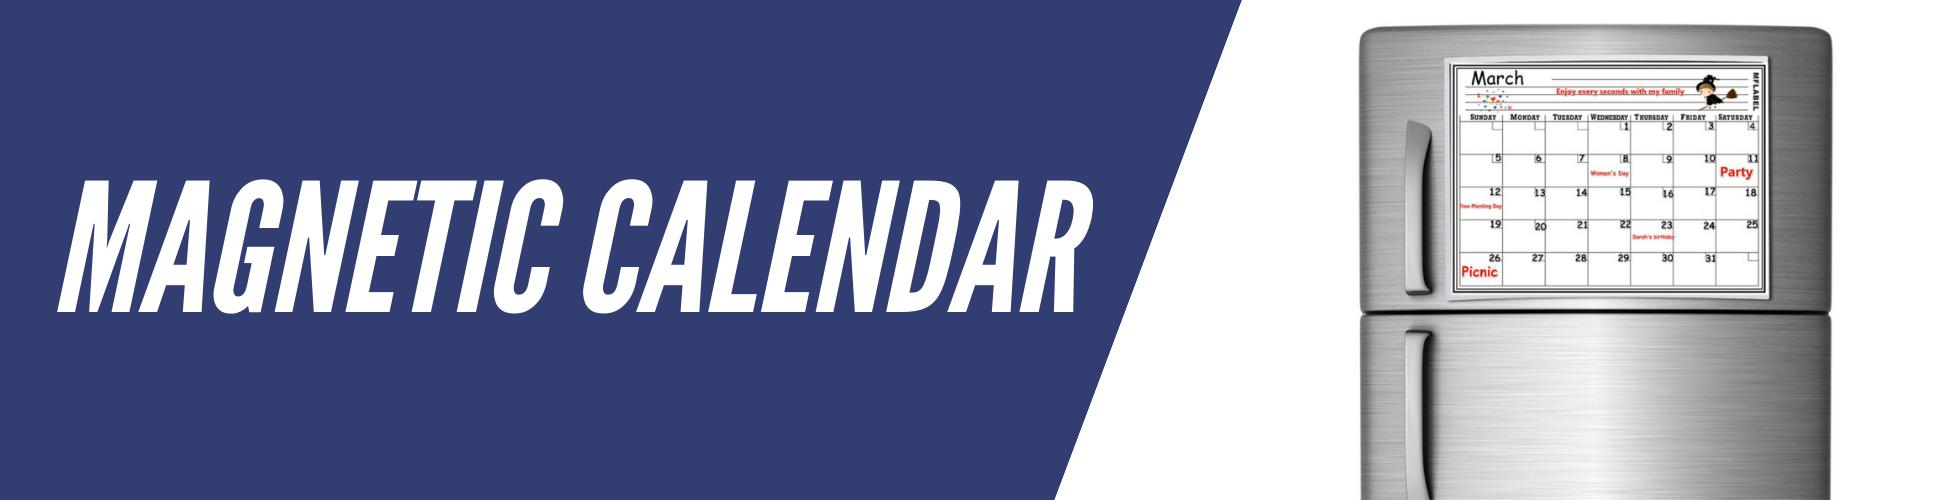 magnetic-calendar-banner-v3.png